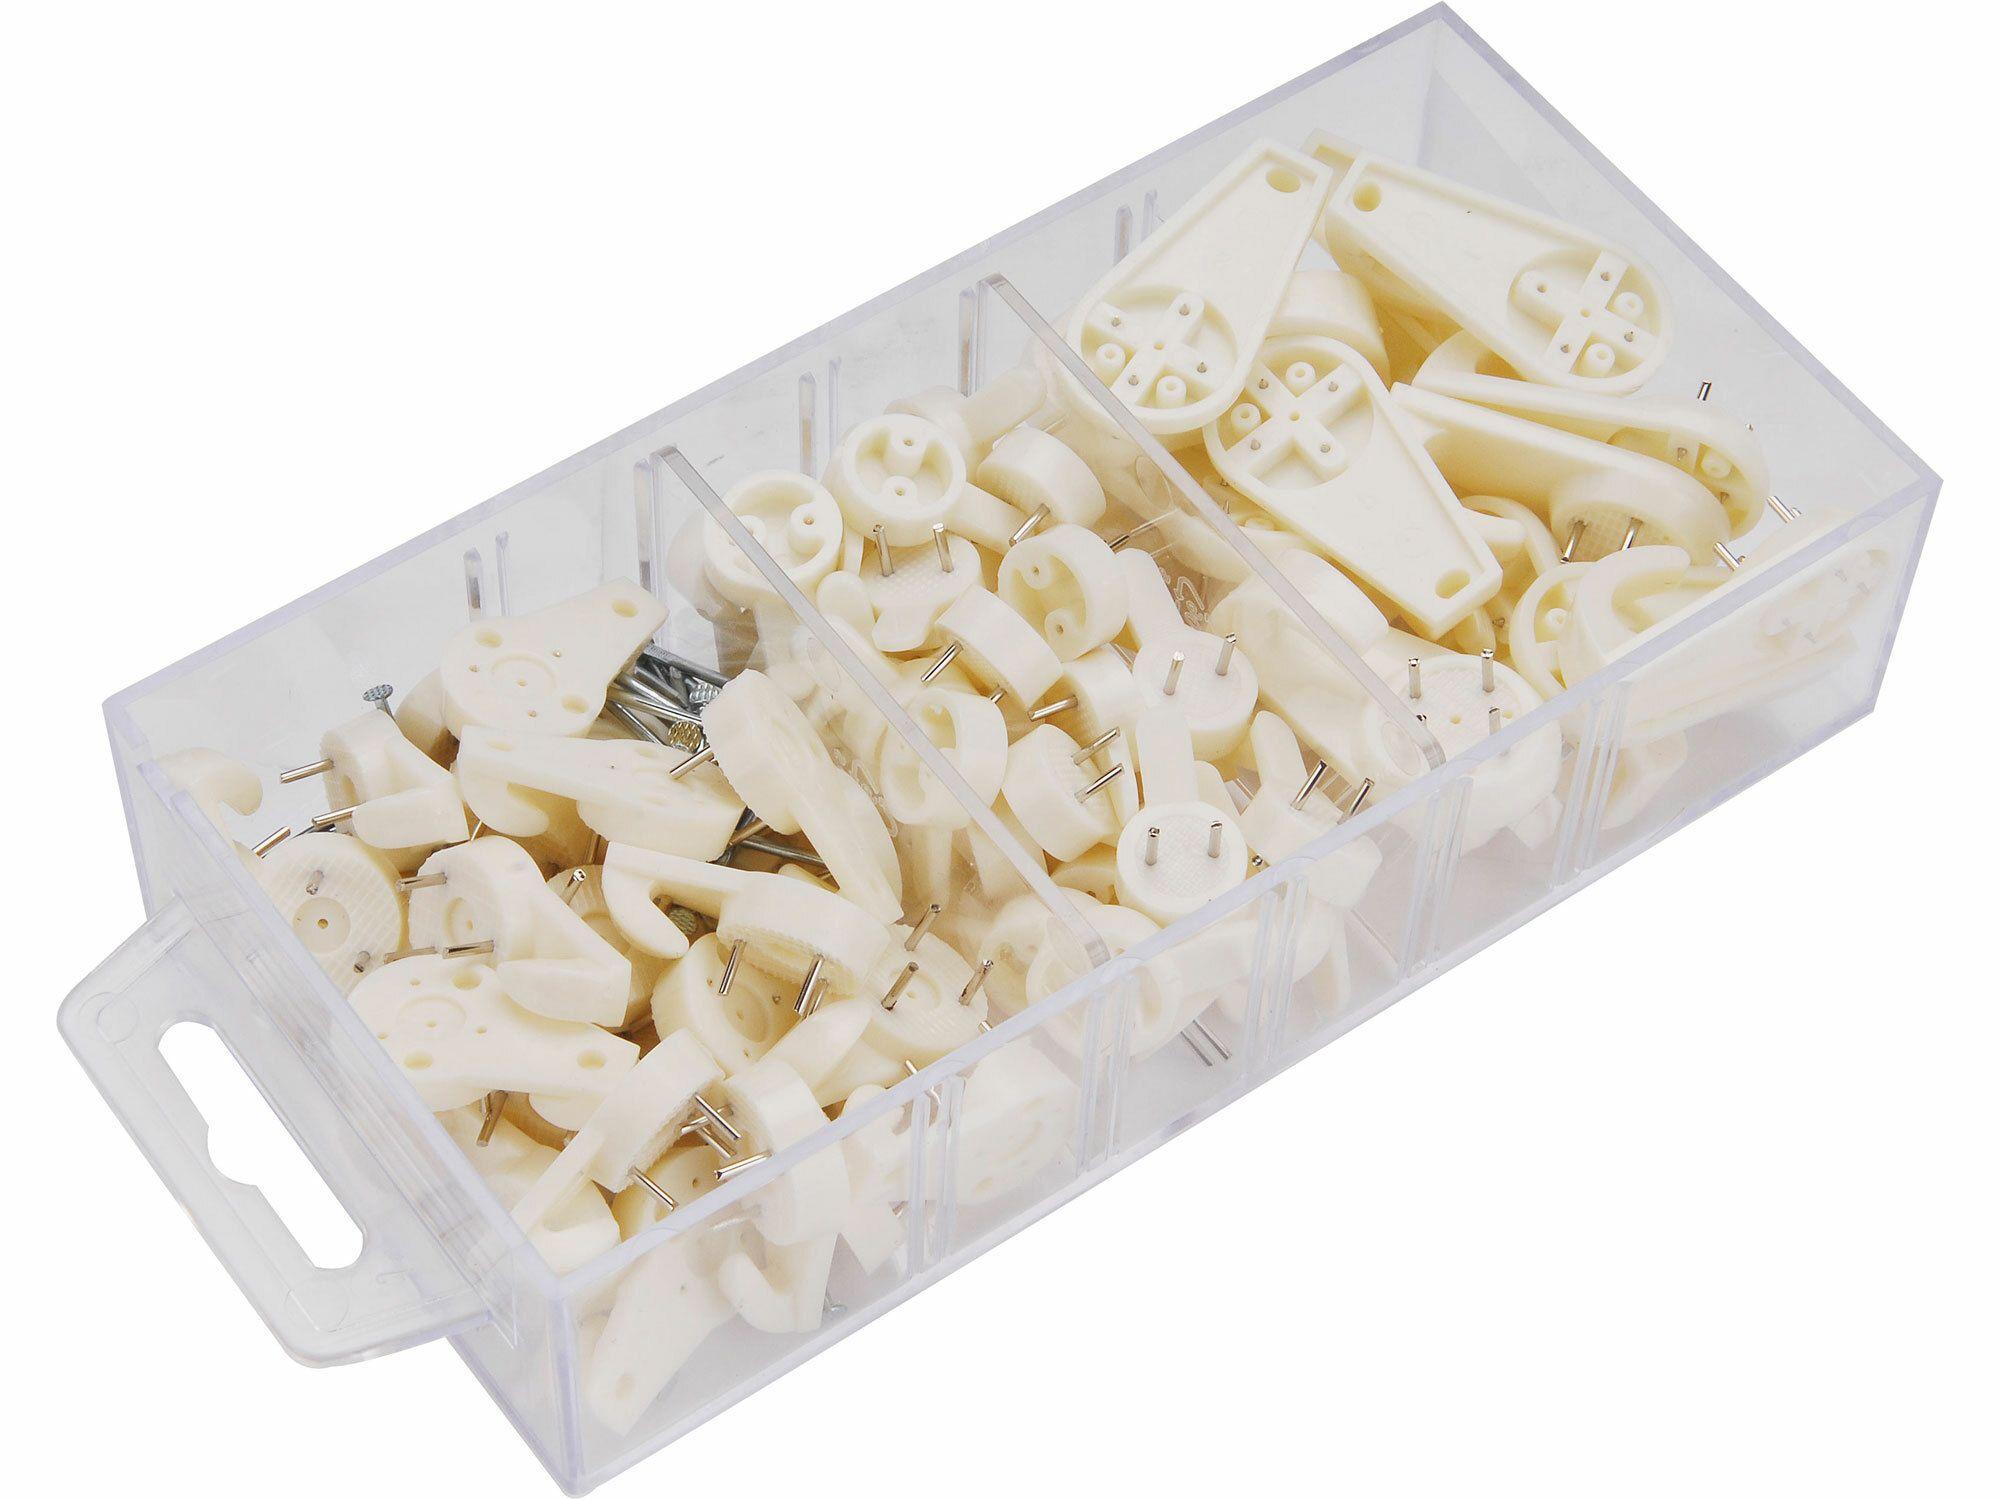 Háčky plastové univerzální 3 rozměry, sada 88ks EXTOL-CRAFT